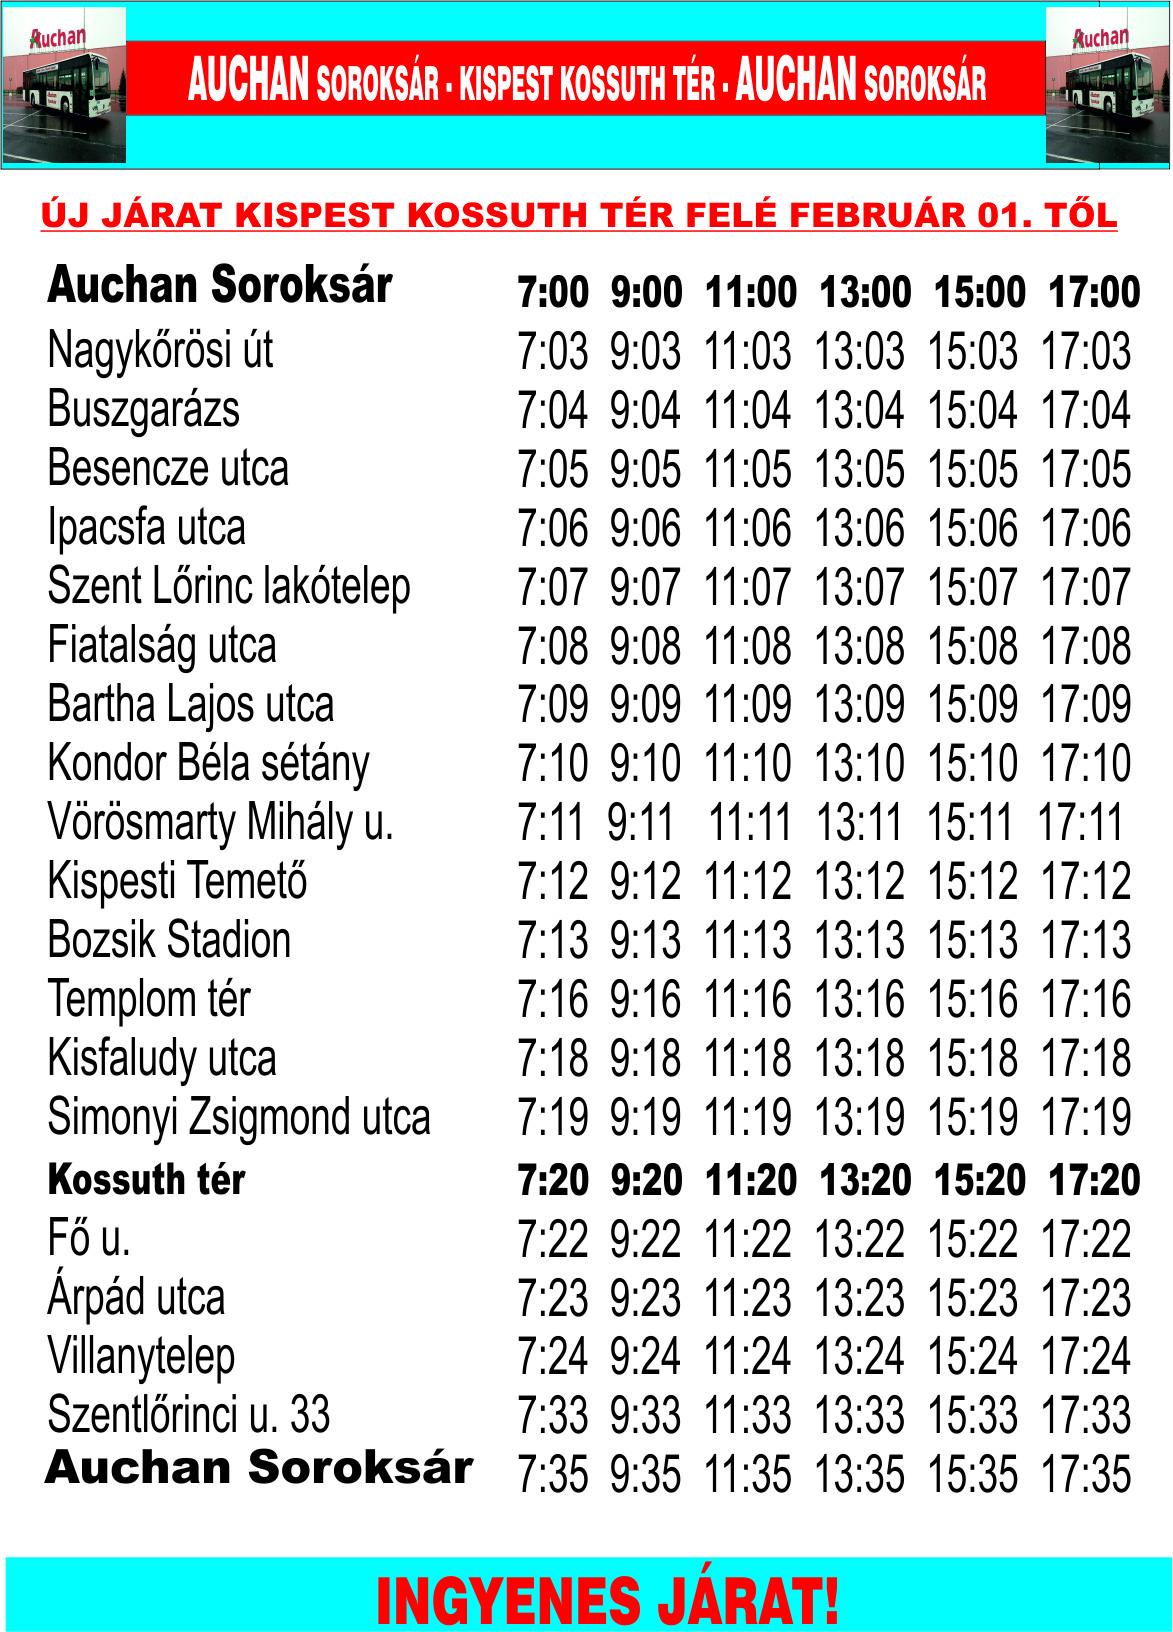 ... Auchan Soroksár - Pesterzsébet városközpont és az Auchan Soroksár -  Havanna lakótelep ingyenes buszjáratok aktuális menetrendjét! cbdfe8e148